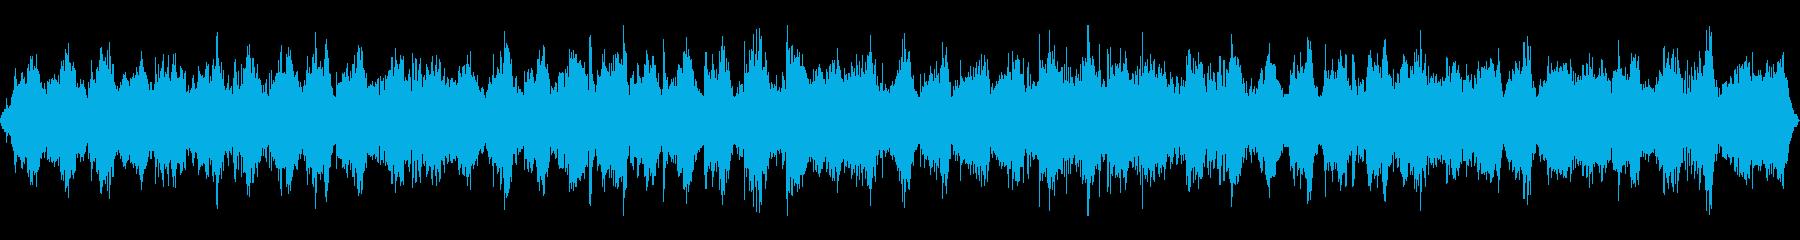 自然音とソルフェジオ周波数を用いたBGMの再生済みの波形